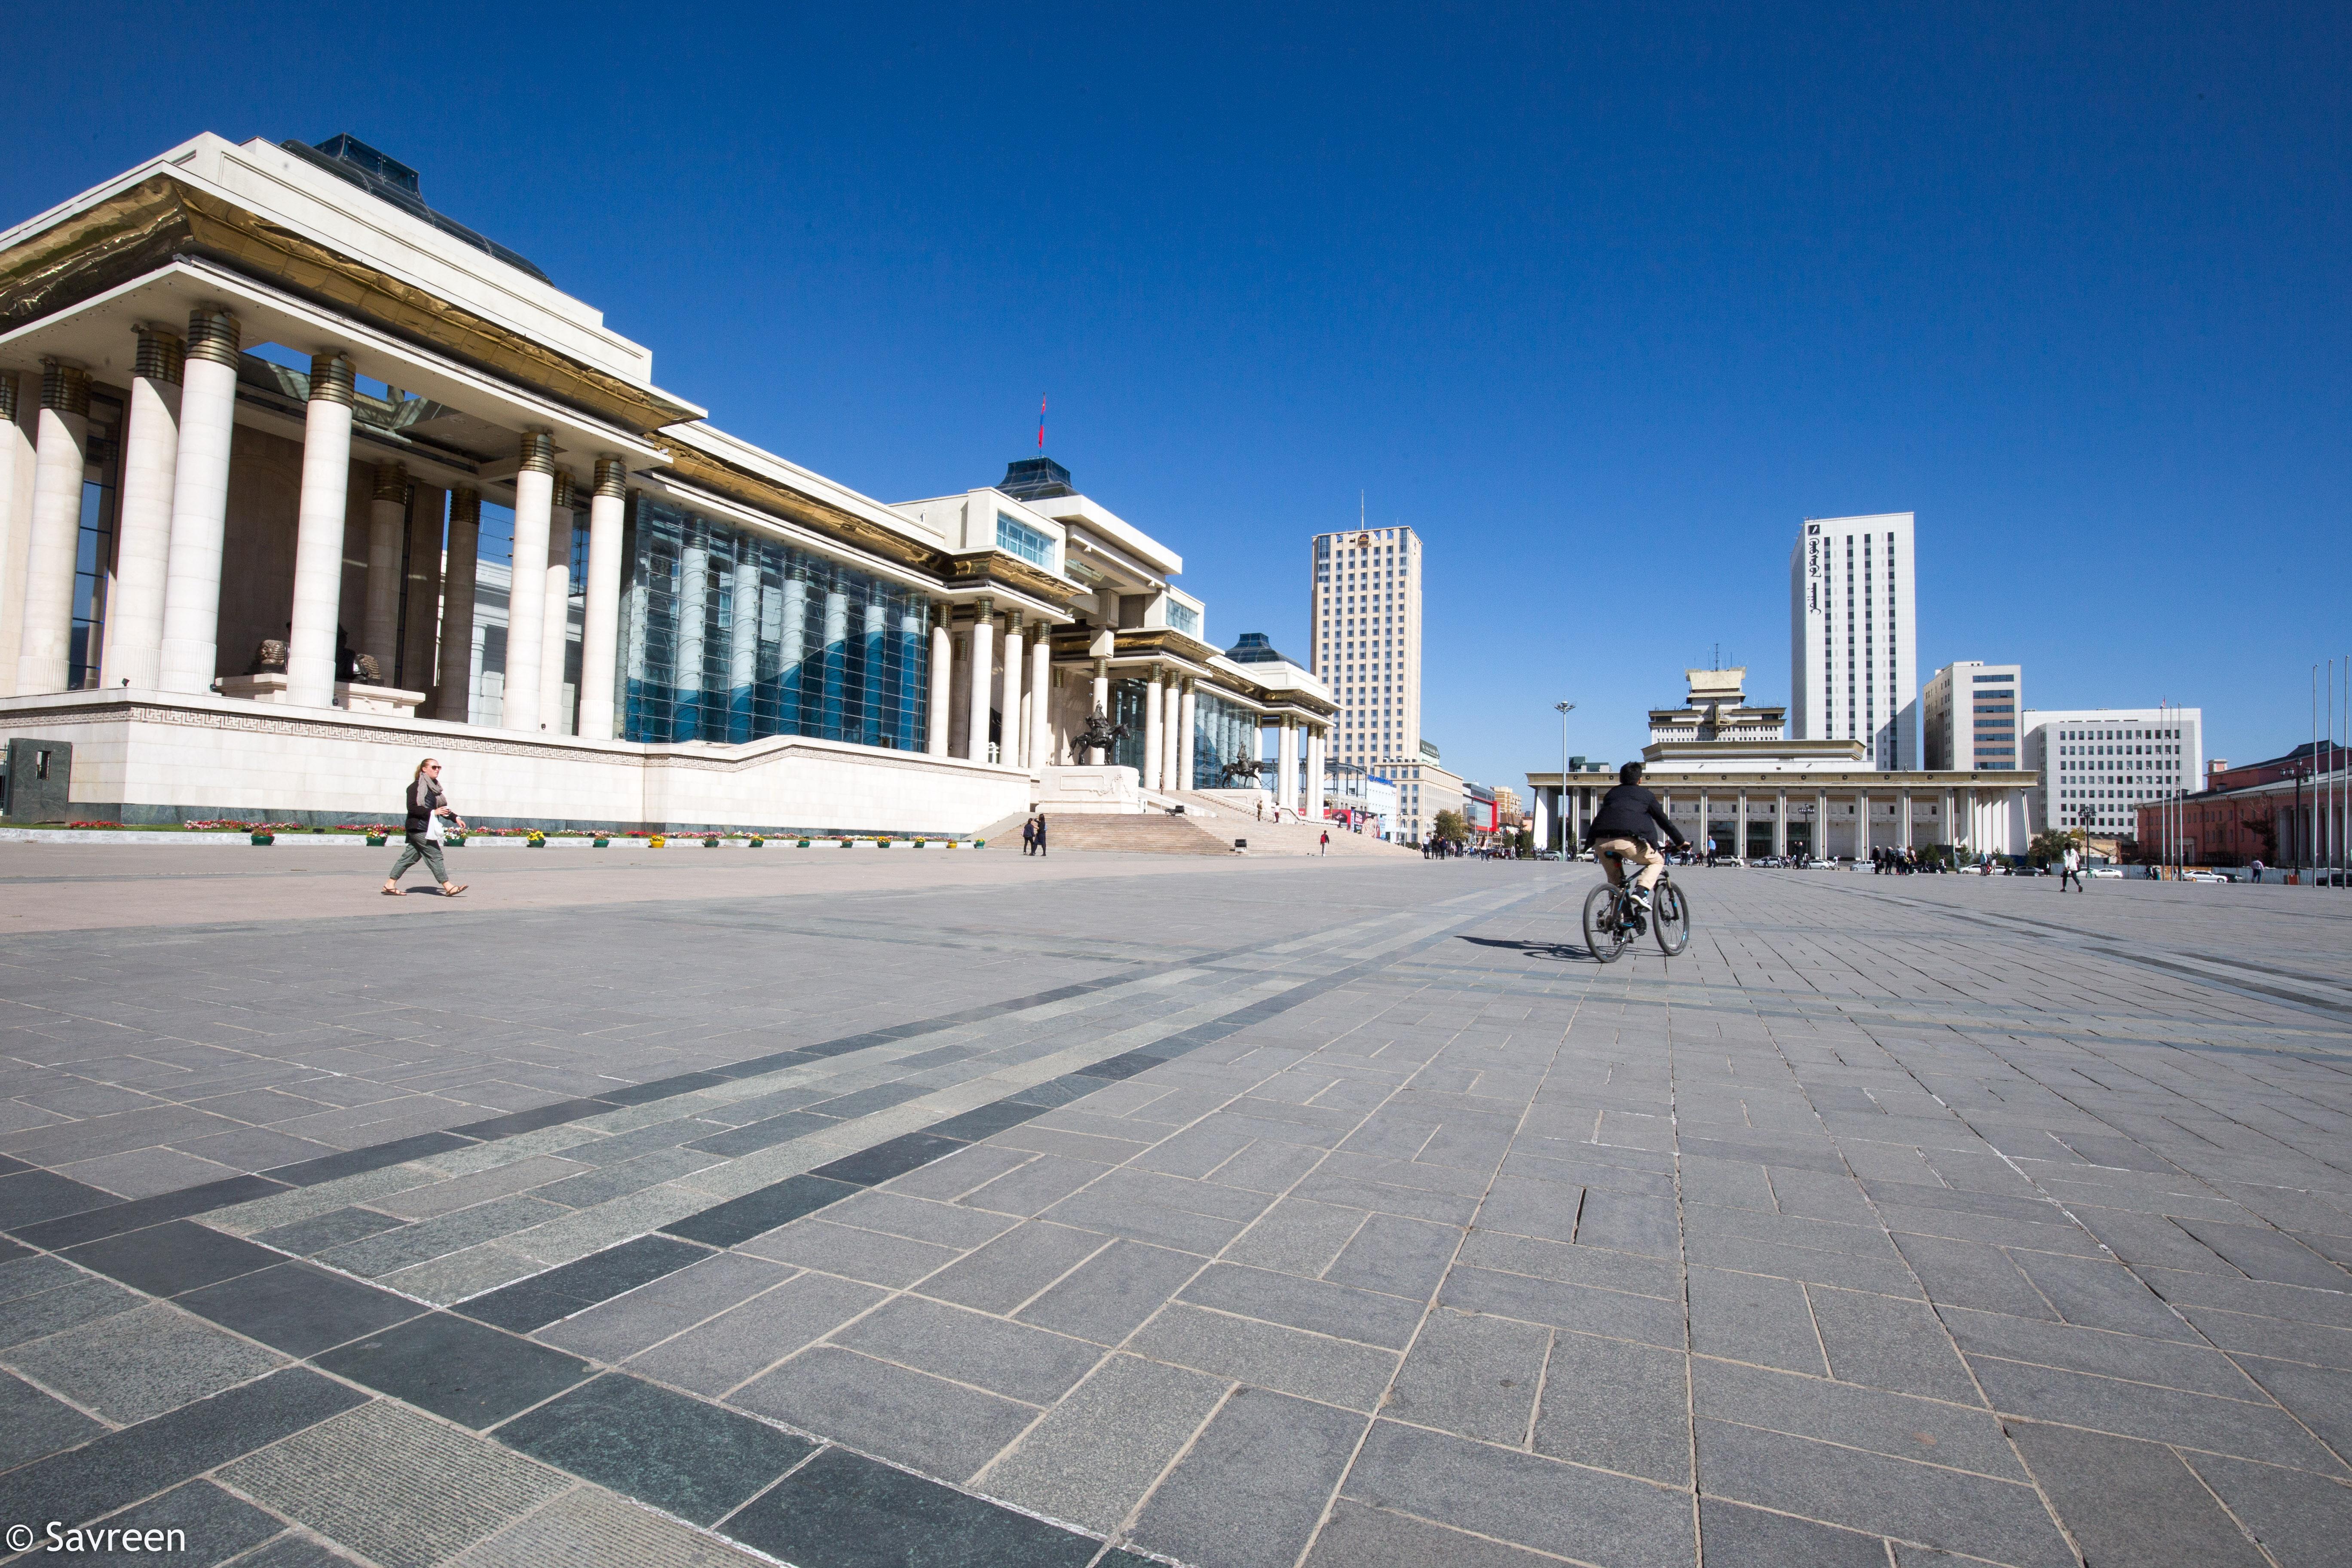 Chinggis Khan square